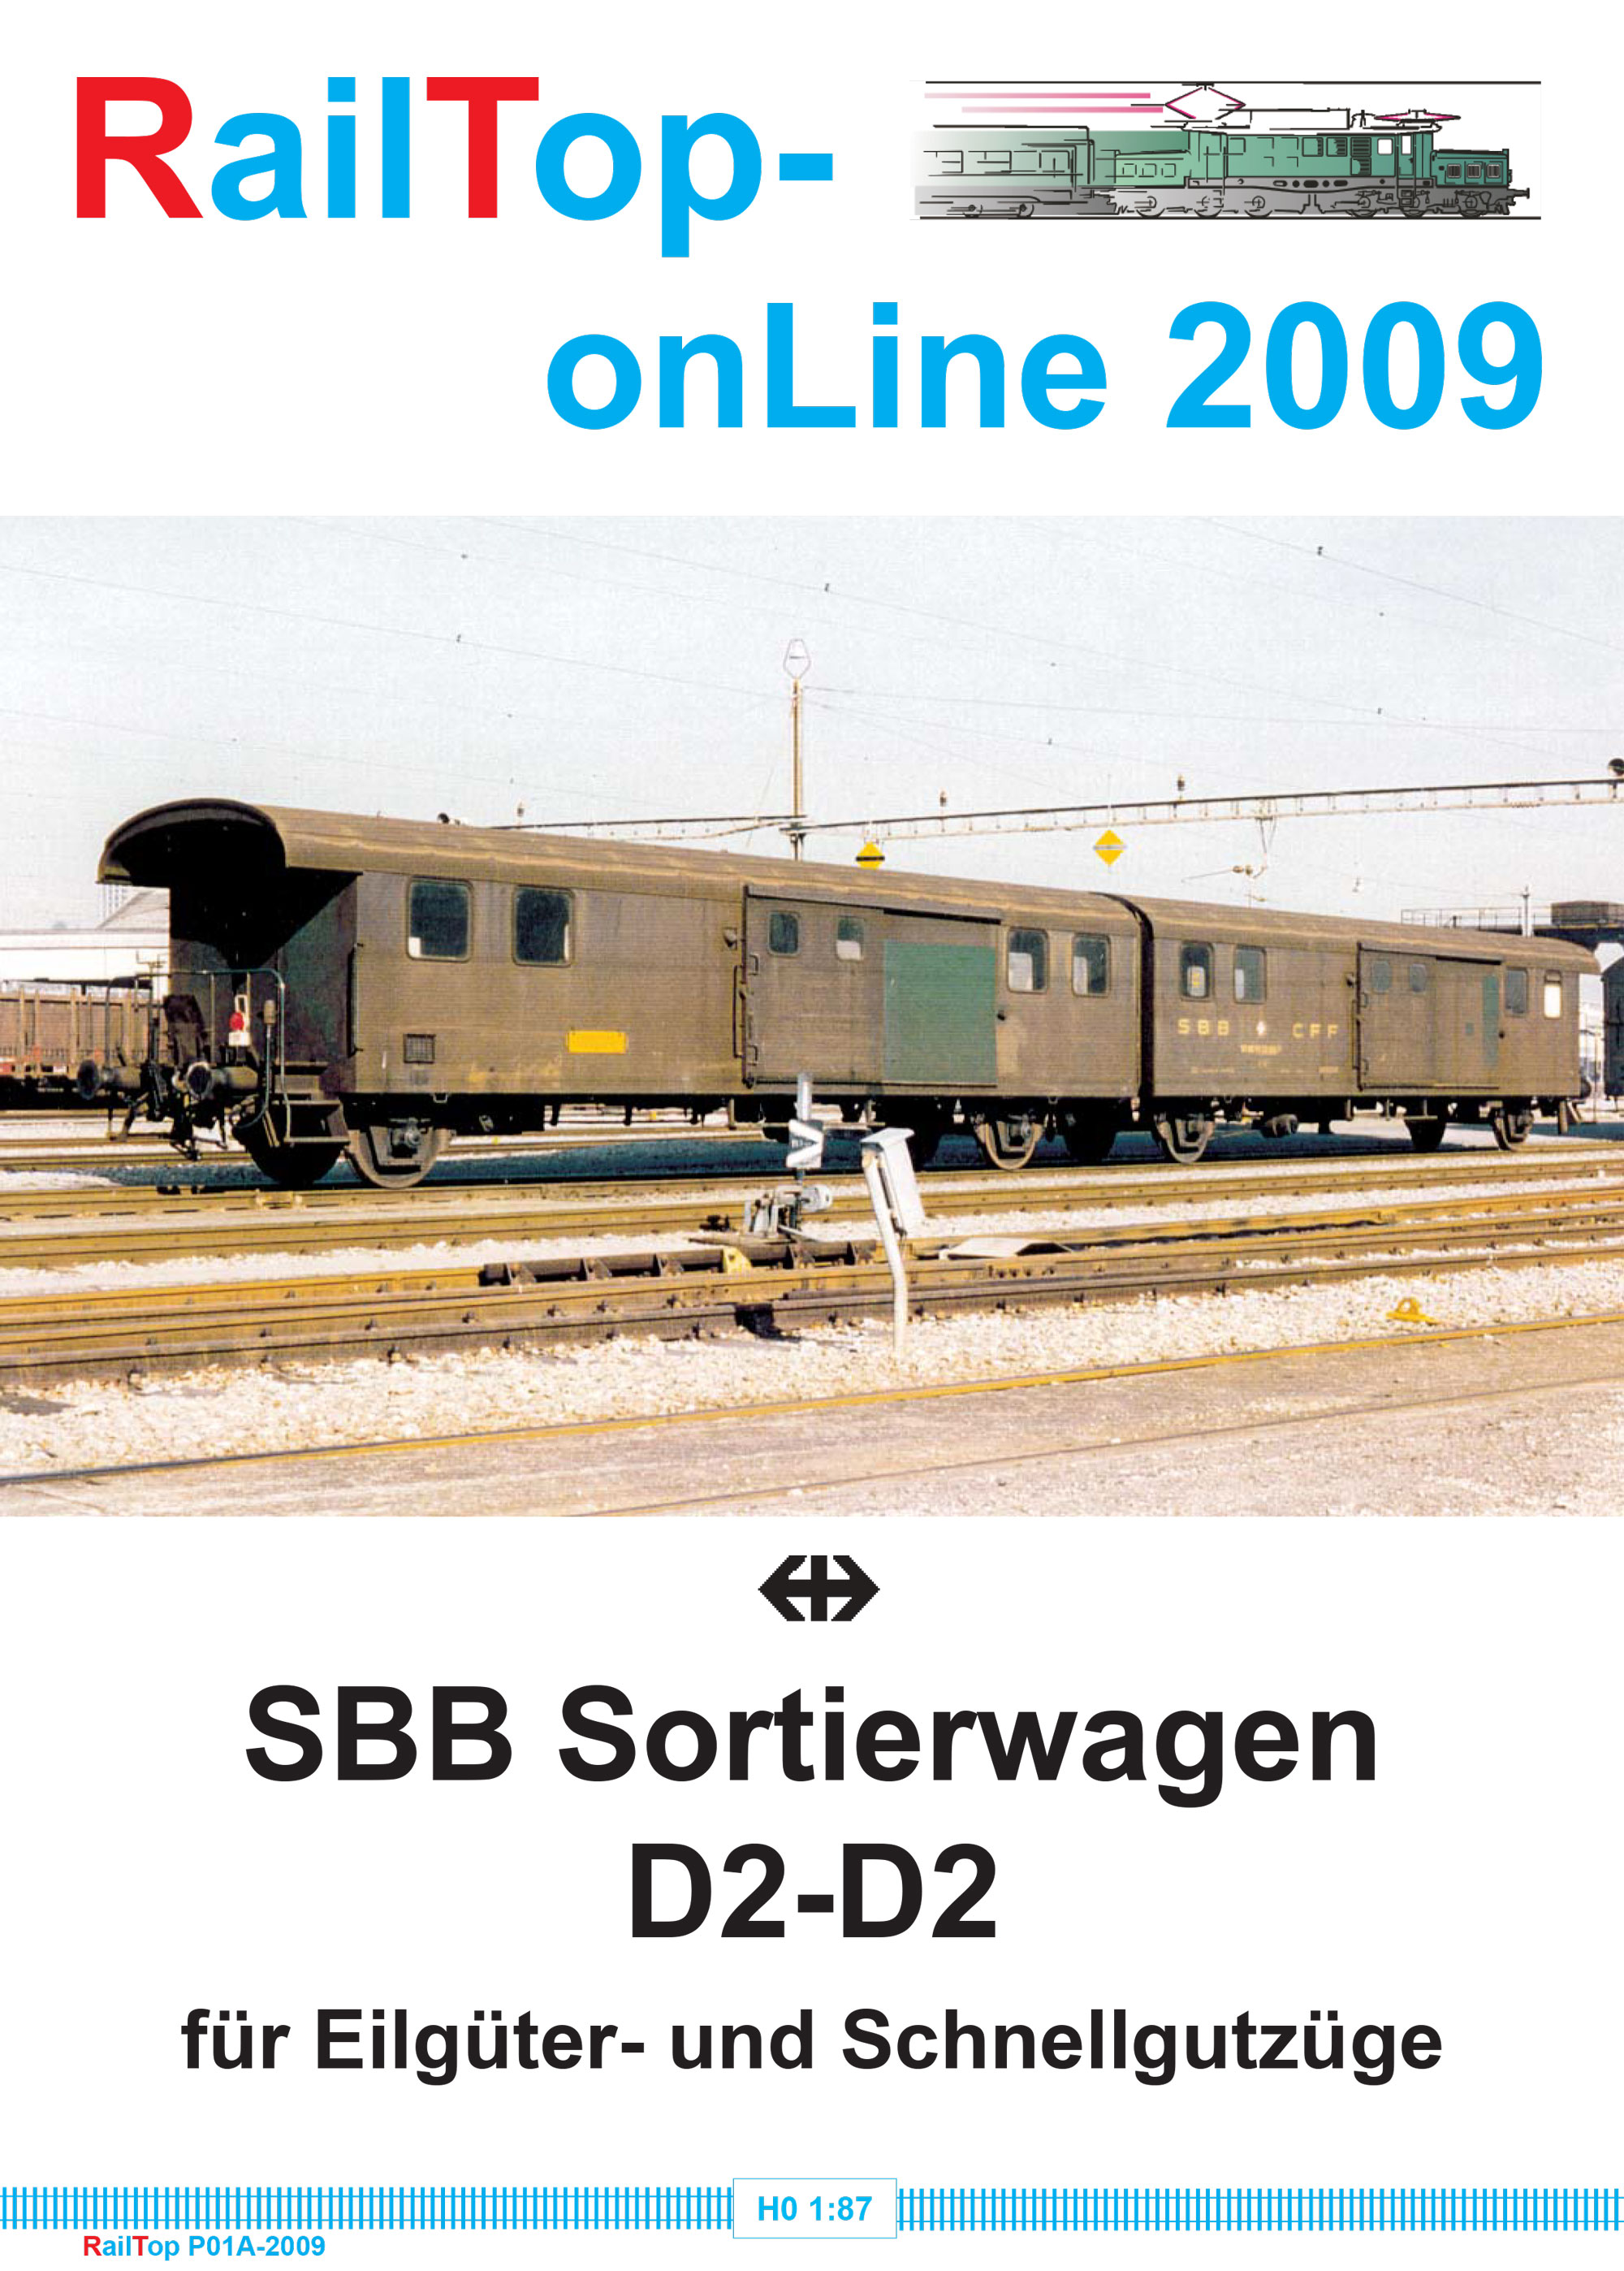 RailTop - SBB CFF FFS - D2-D2 parcel-sorting wagon